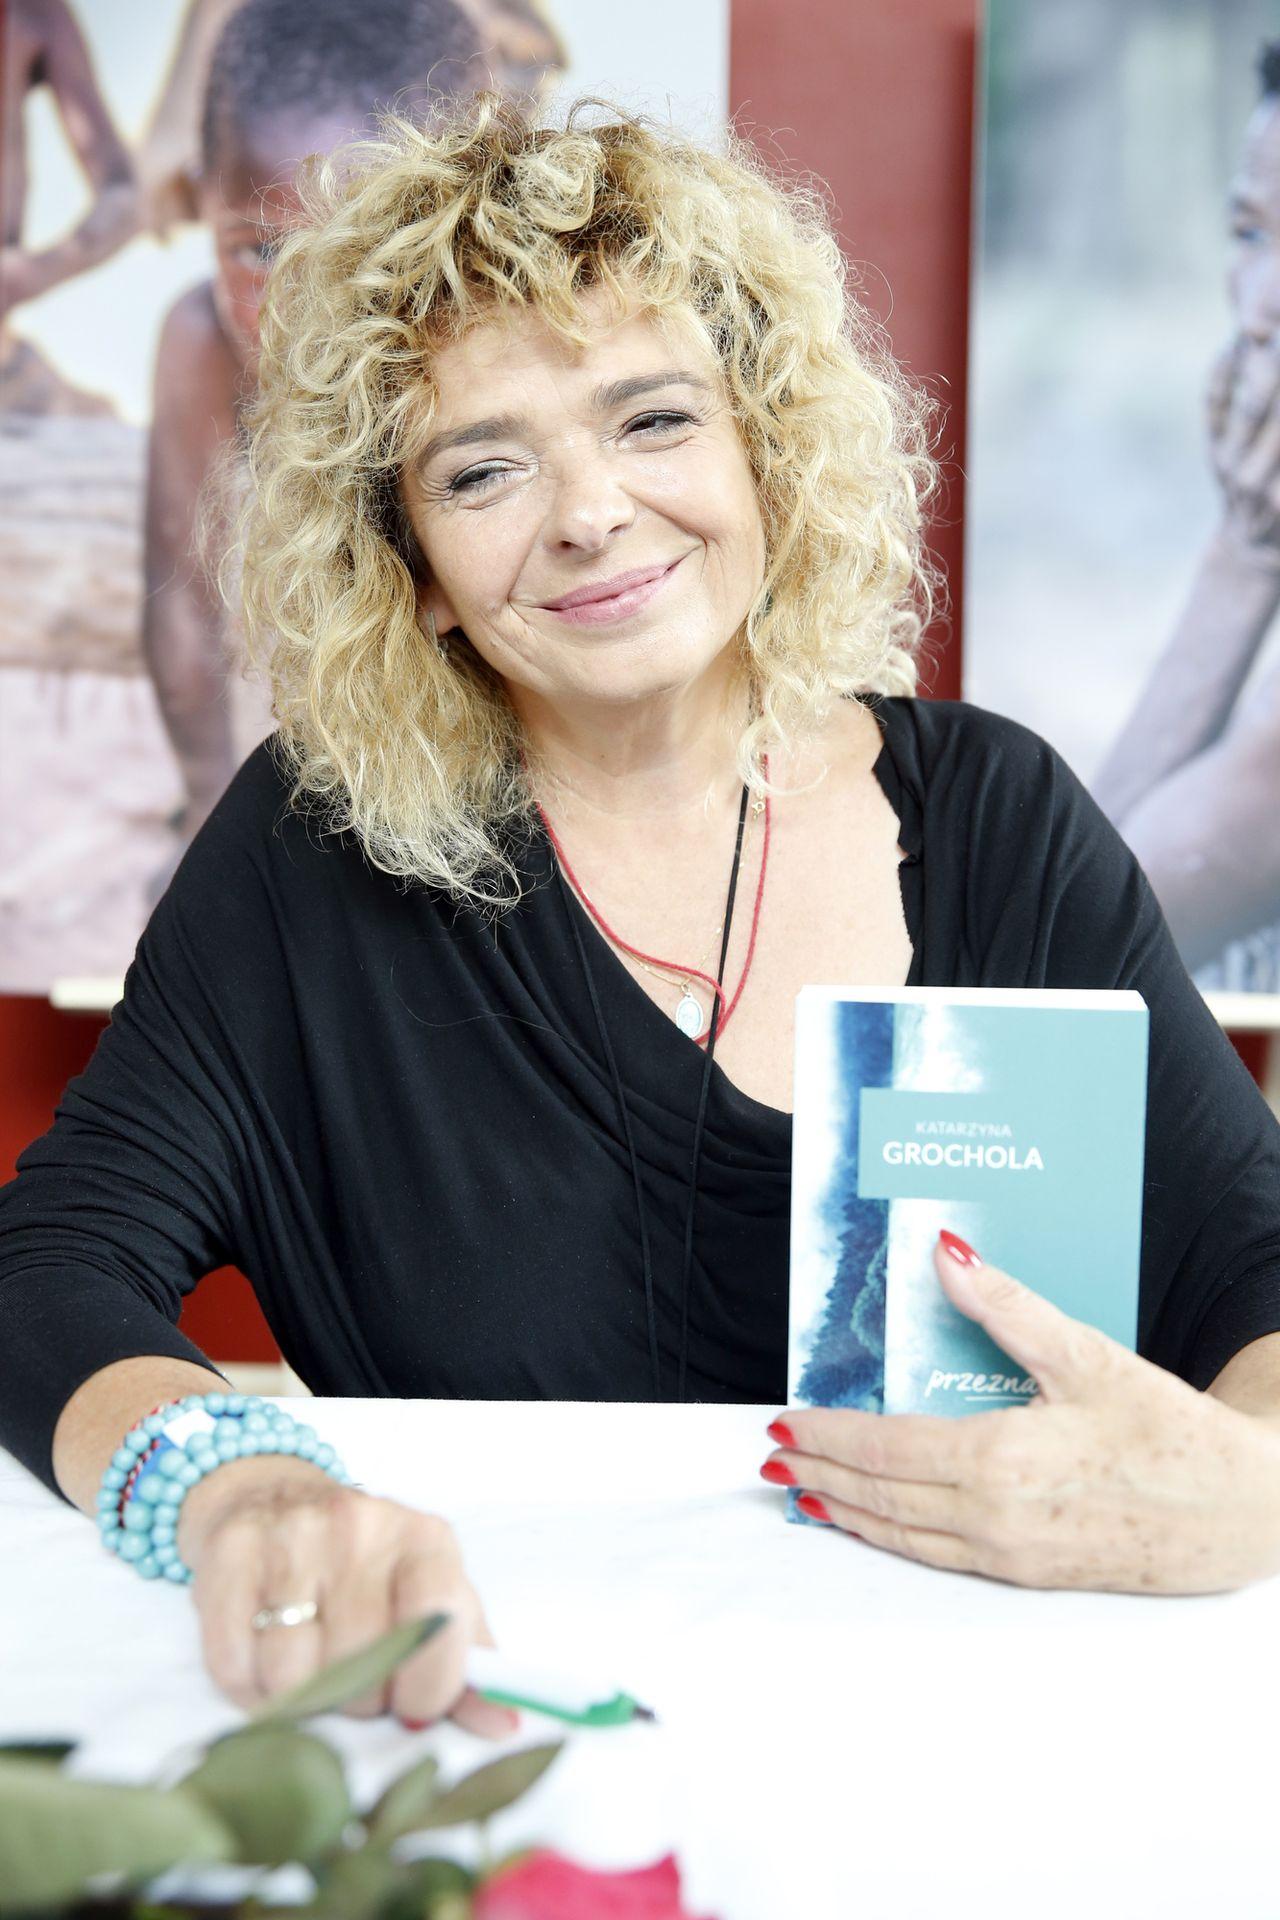 Katarzyna Grochola na starych zdjęciach